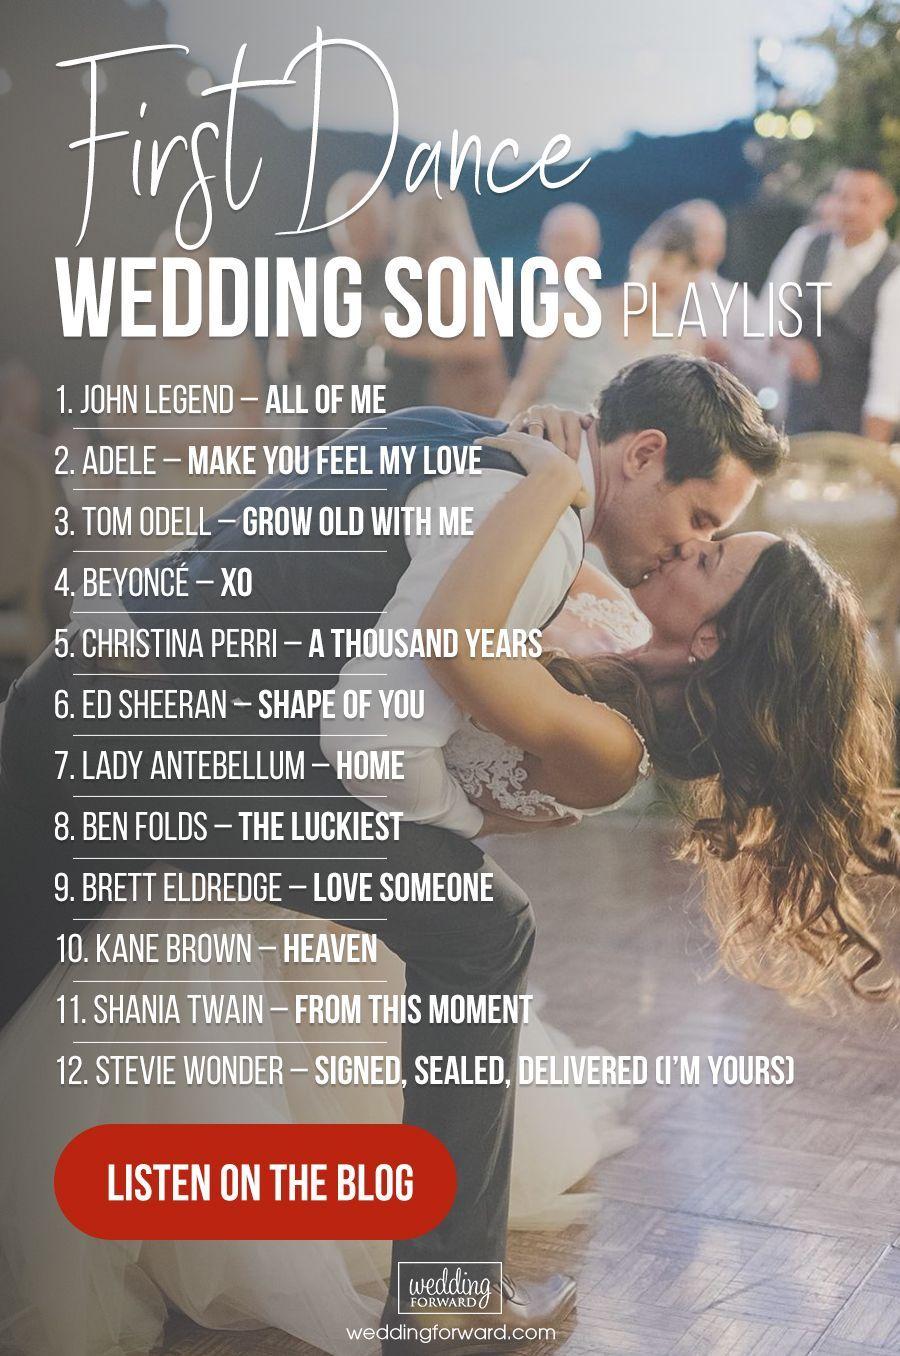 Besten Kostenlos Hochzeitslieder 2019: 100 der Besten, die man bei Empfang und Z…